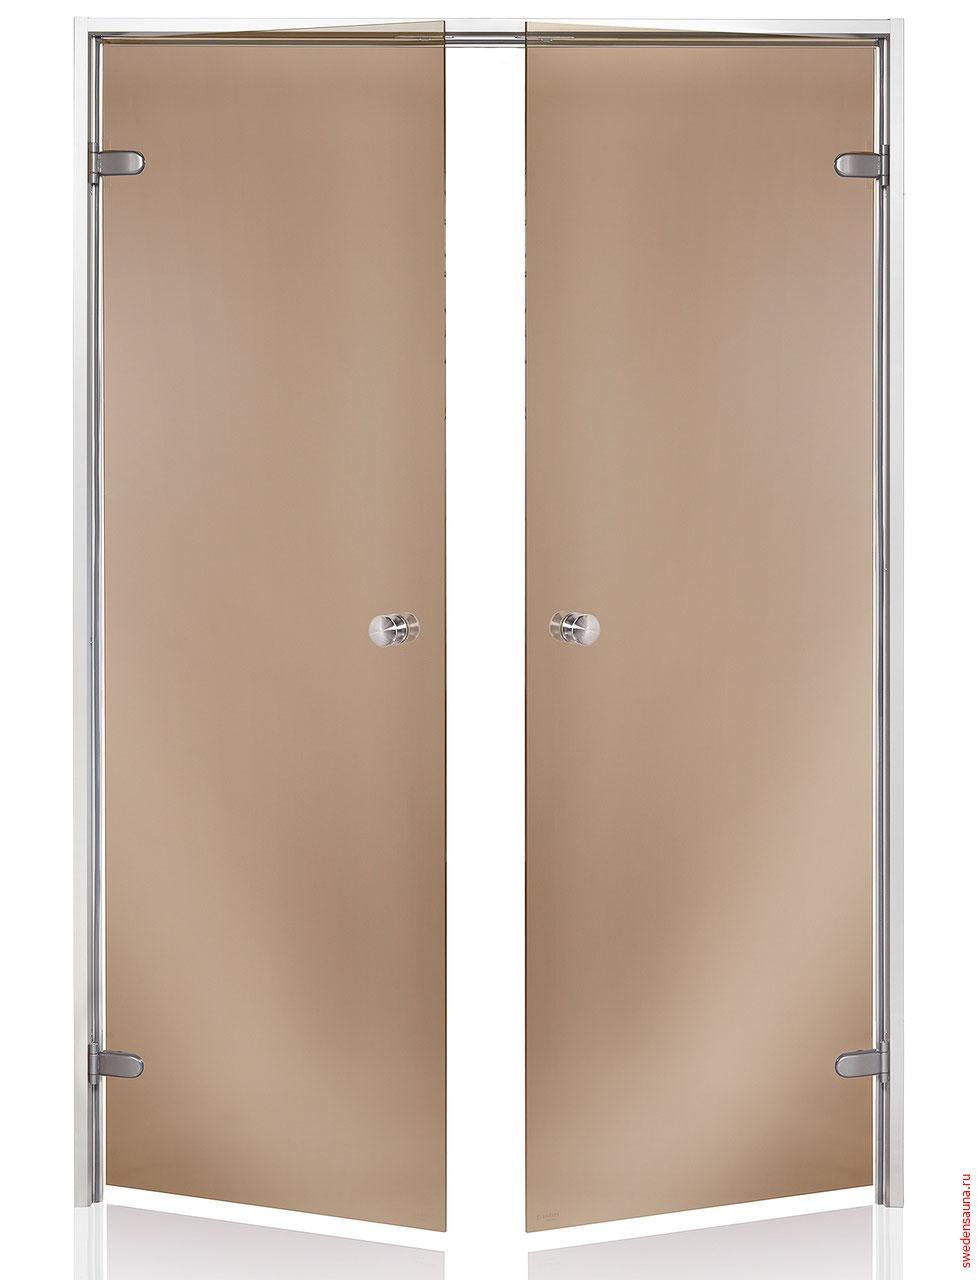 Дверь двойная Harvia ALU 17×19 стекло бронза - фото, описание, отзывы.